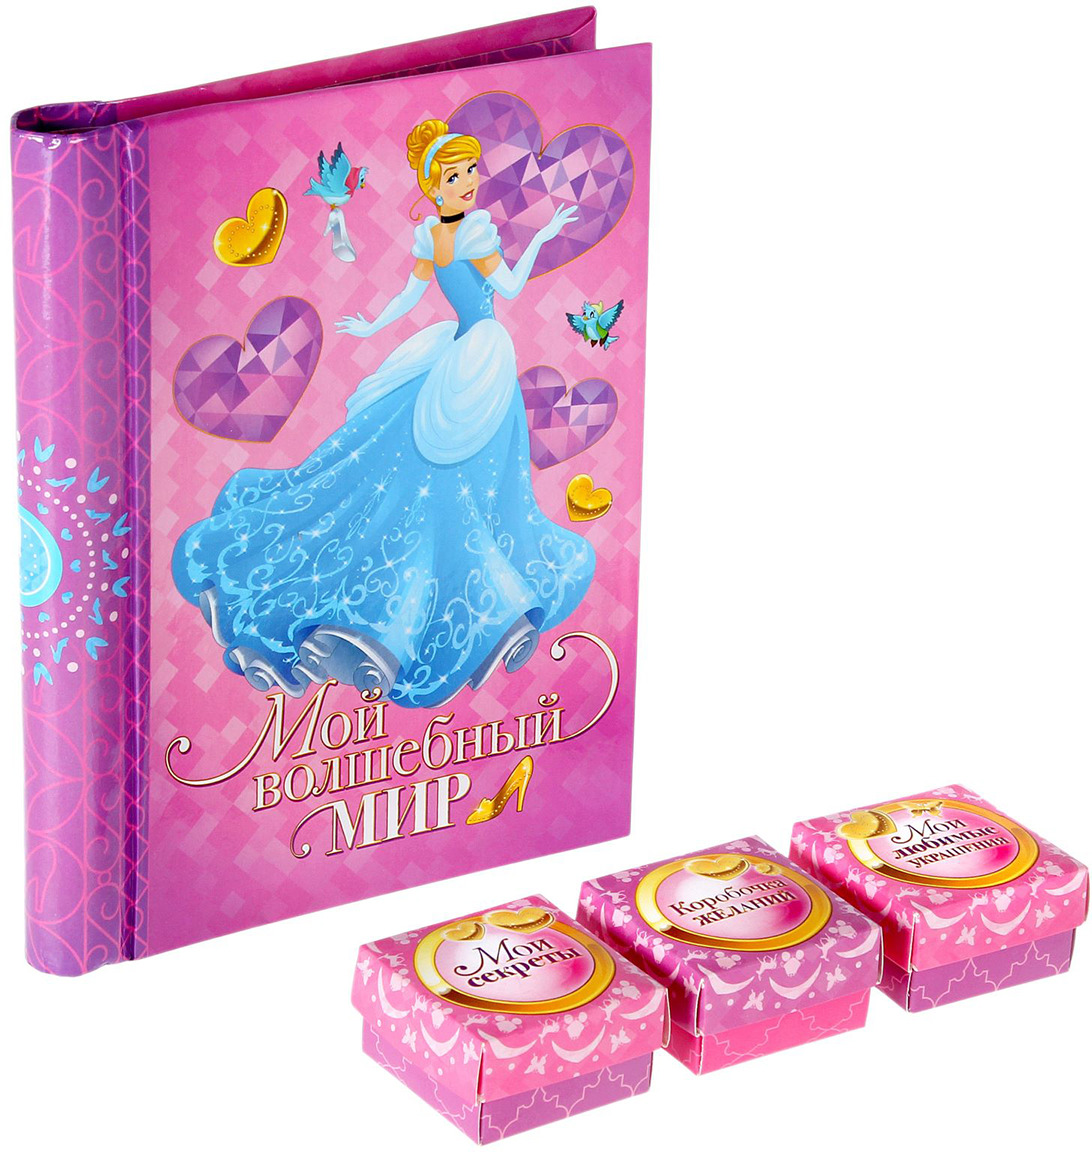 Сувенирный набор Disney Прекрасная принцесса!, фотоальбом магнитный, 10 листов + 3 памятных коробочки + наклейки, 1512217, мультиколор сувенирный набор disney наш чудесный малыш фотоальбом памятные коробочки в пенале 1903139 мультиколор